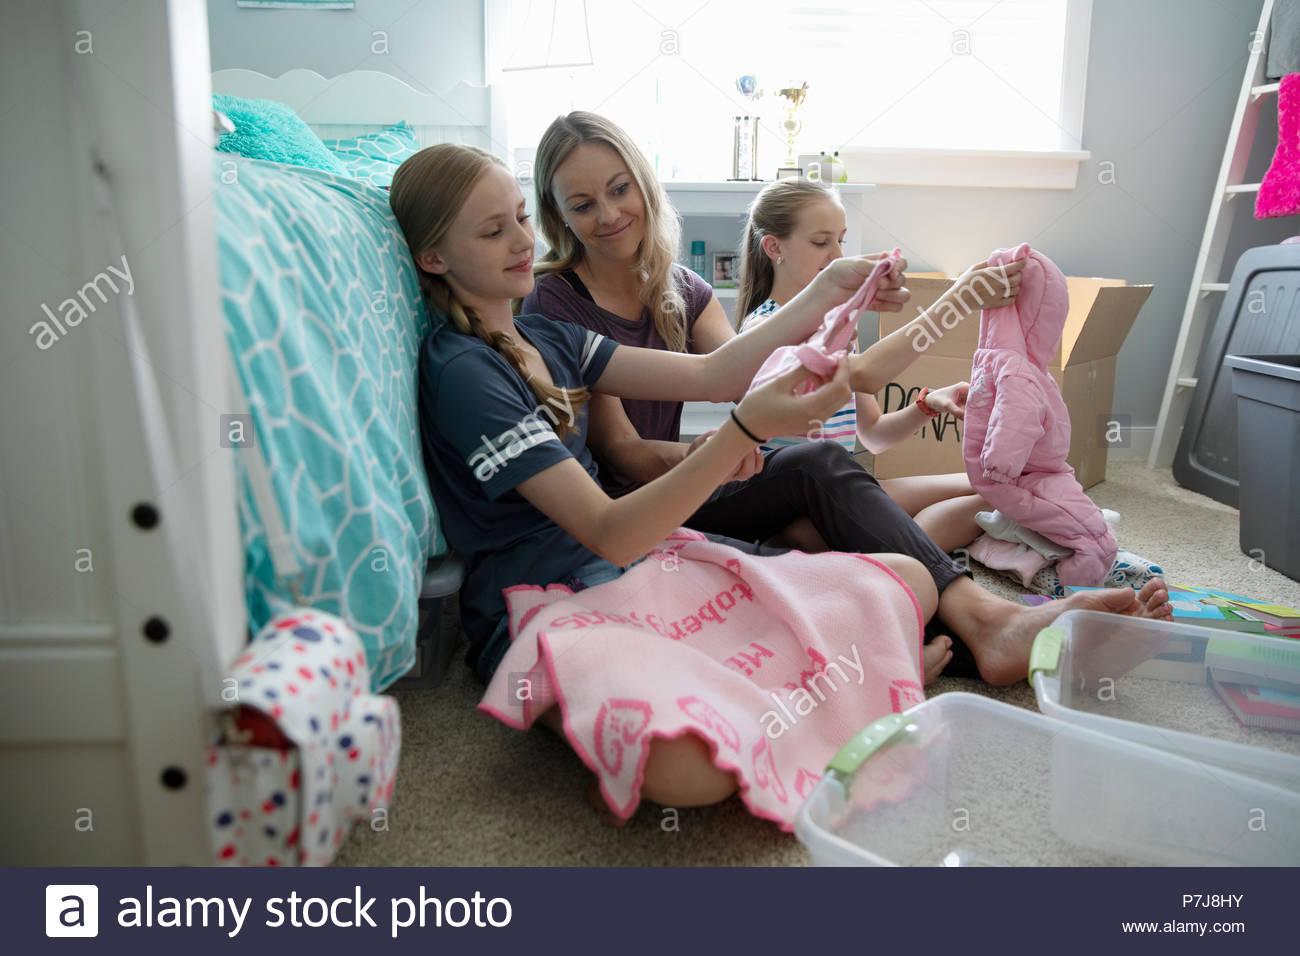 Madre y sus hijas donar ropa de bebé en el dormitorio Imagen De Stock